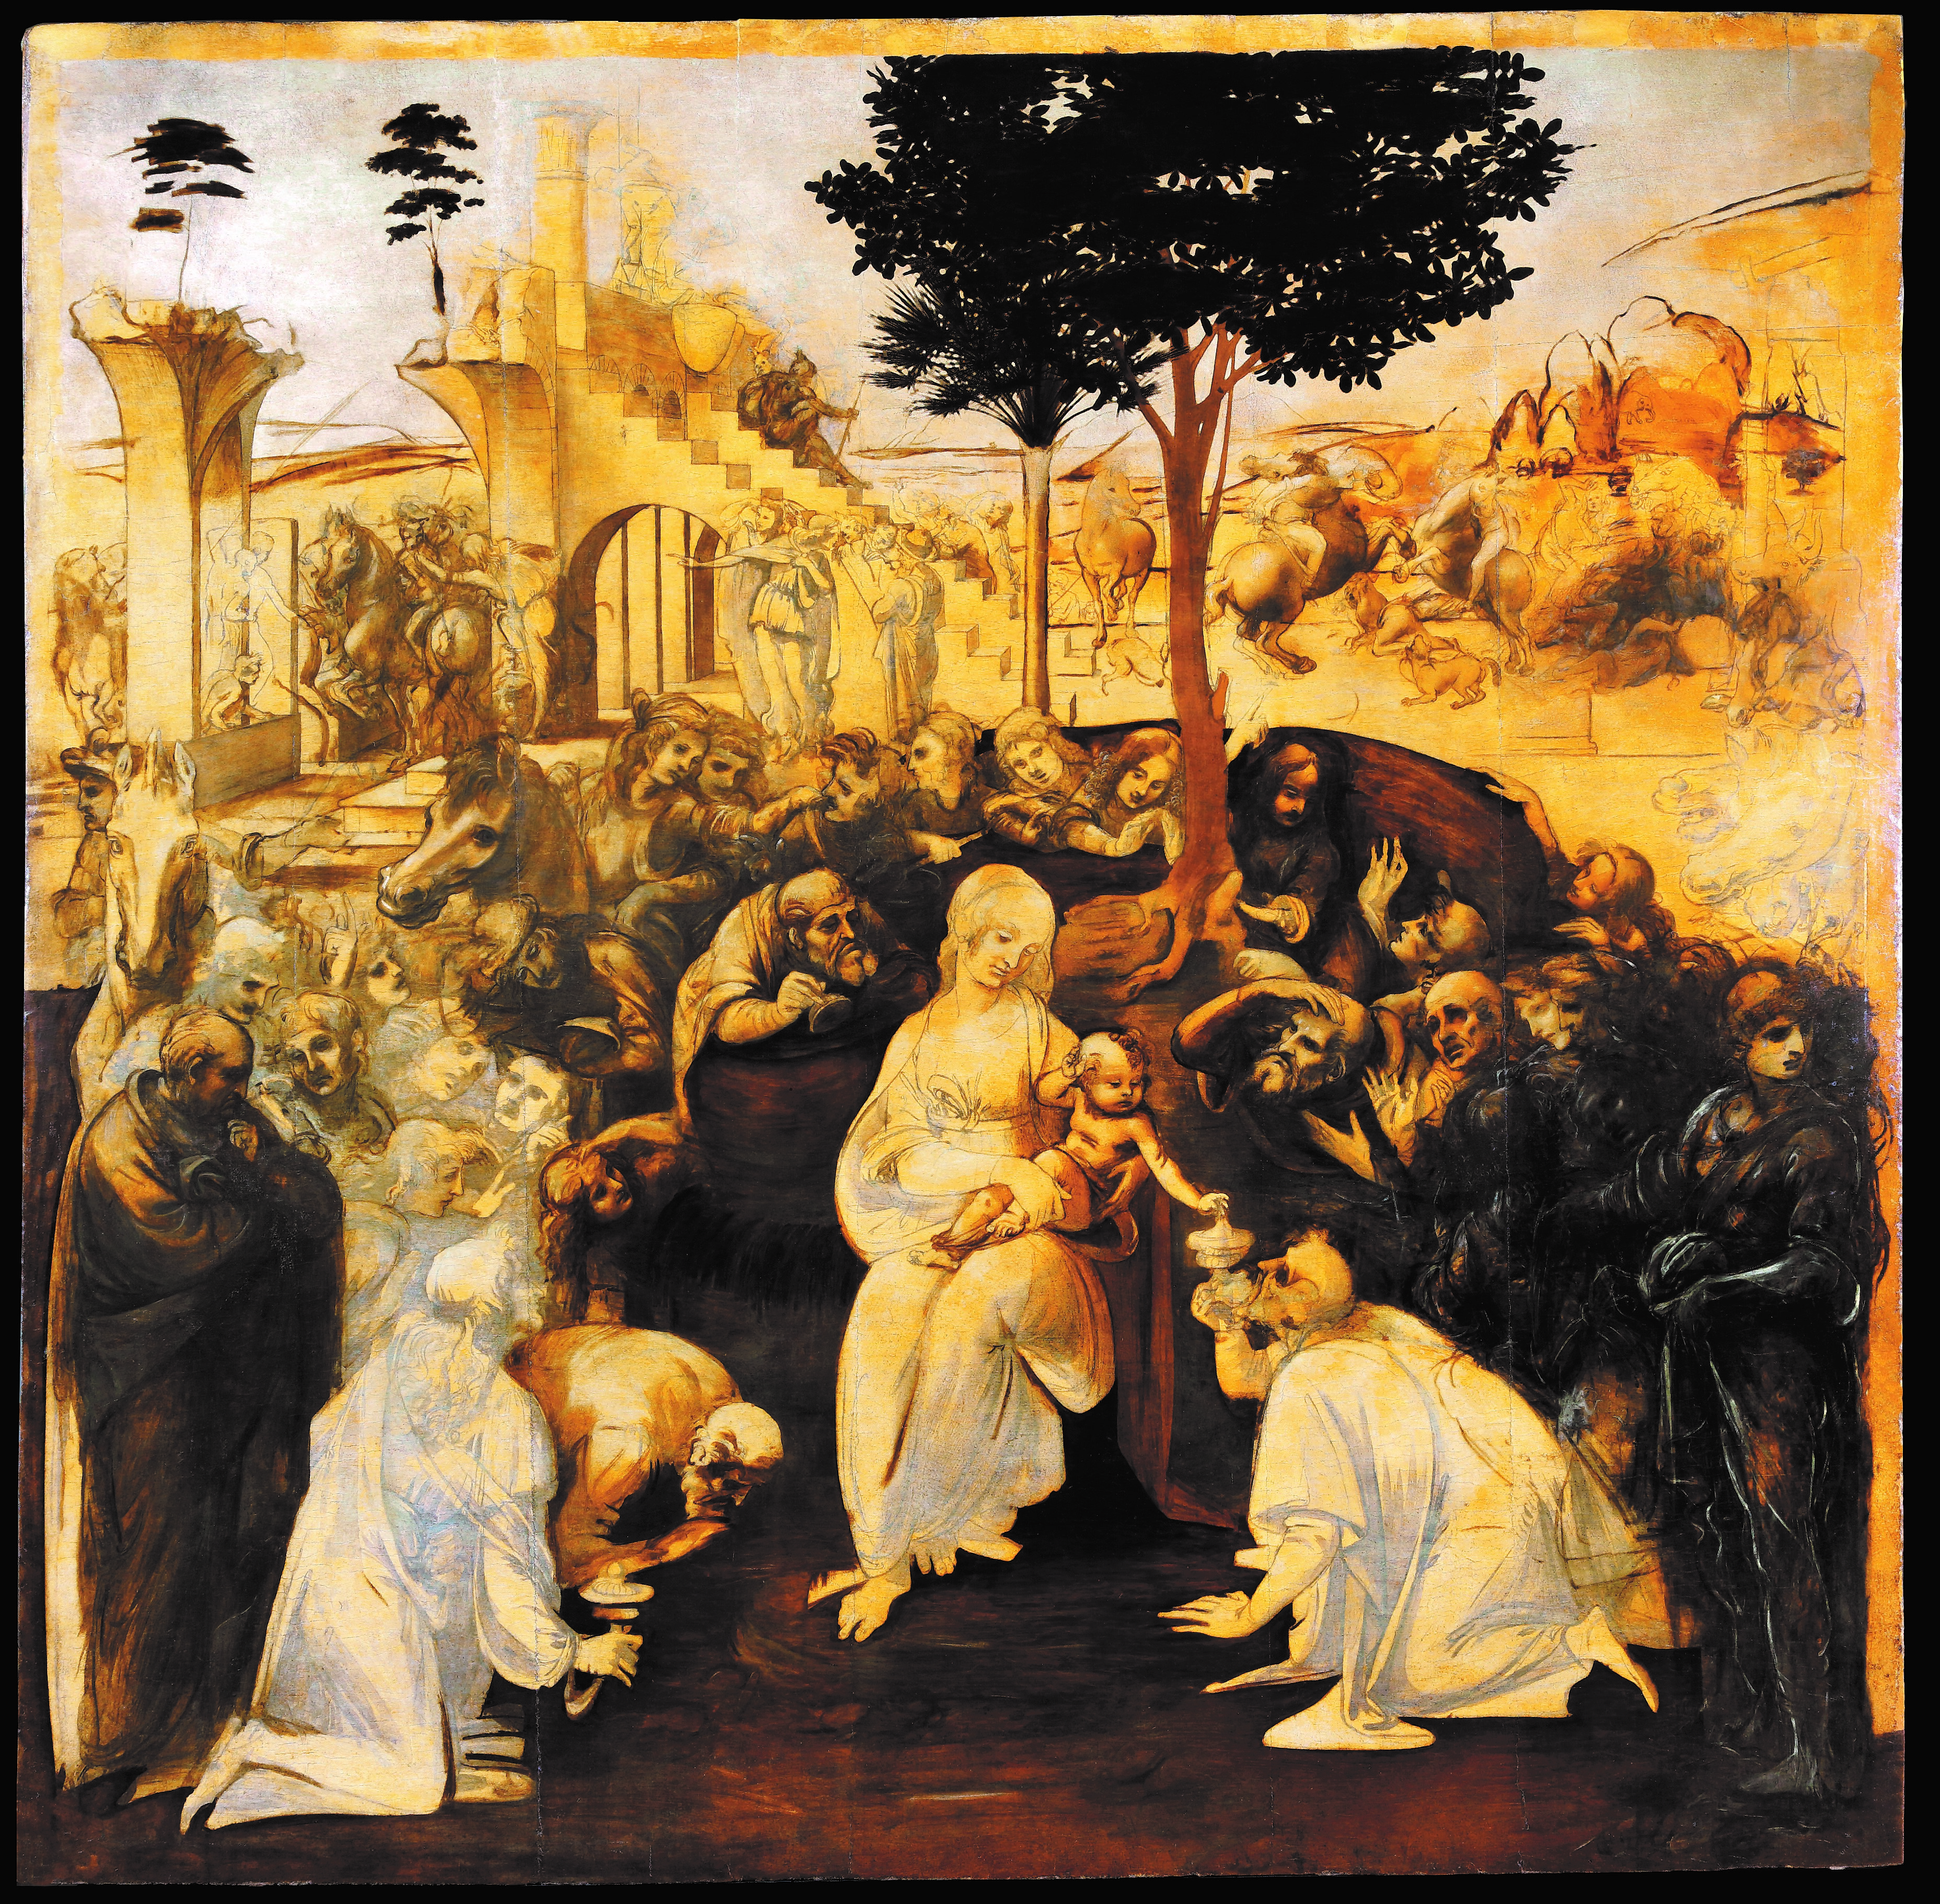 La Adoración De Los Magos De Leonardo Restaurada Se Exhibe En Florencia Arsmagazine